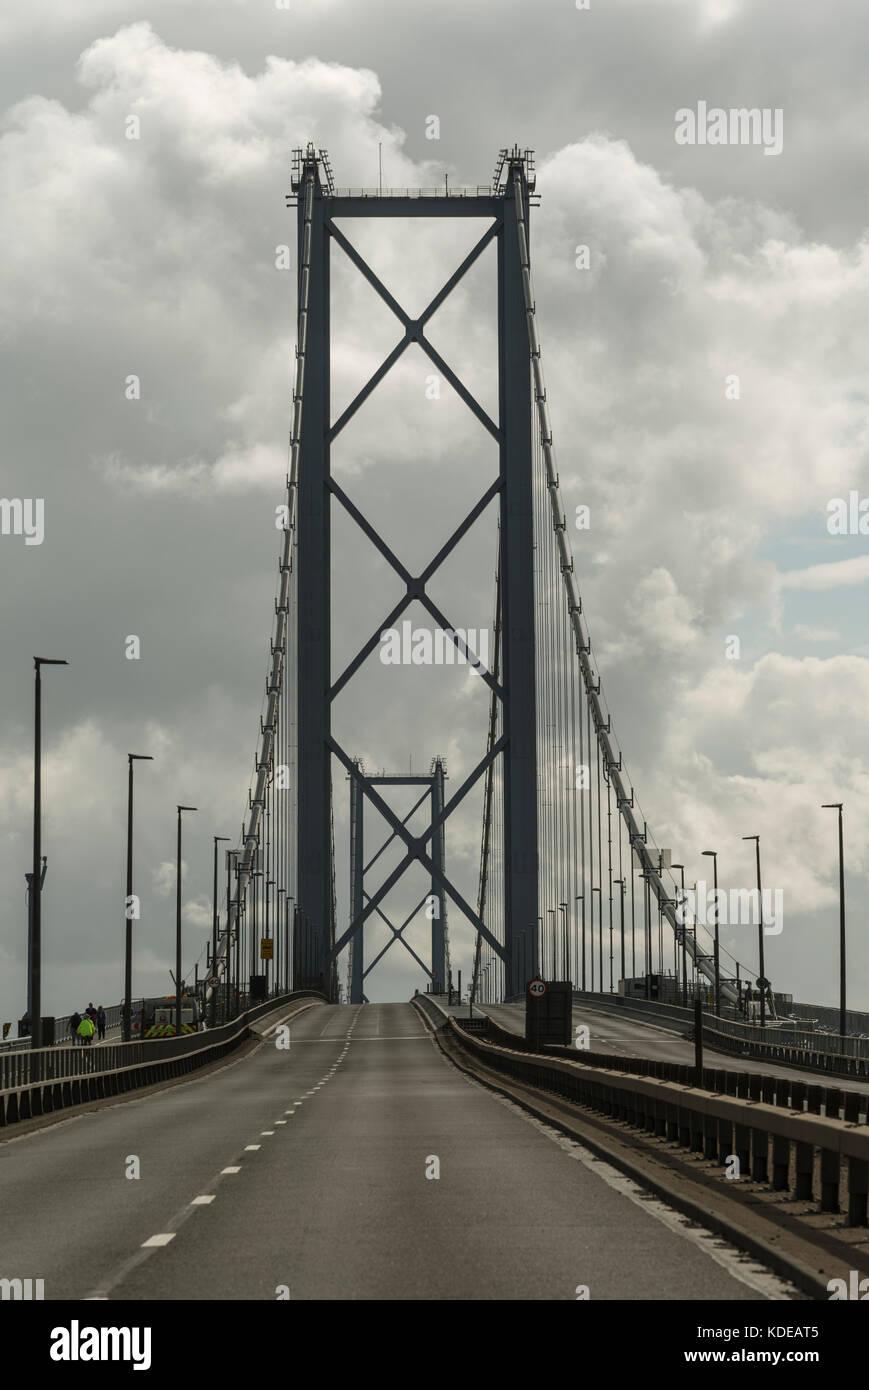 Un pont de Forth Road, Queensferry, Ecosse, Royaume-Uni Banque D'Images